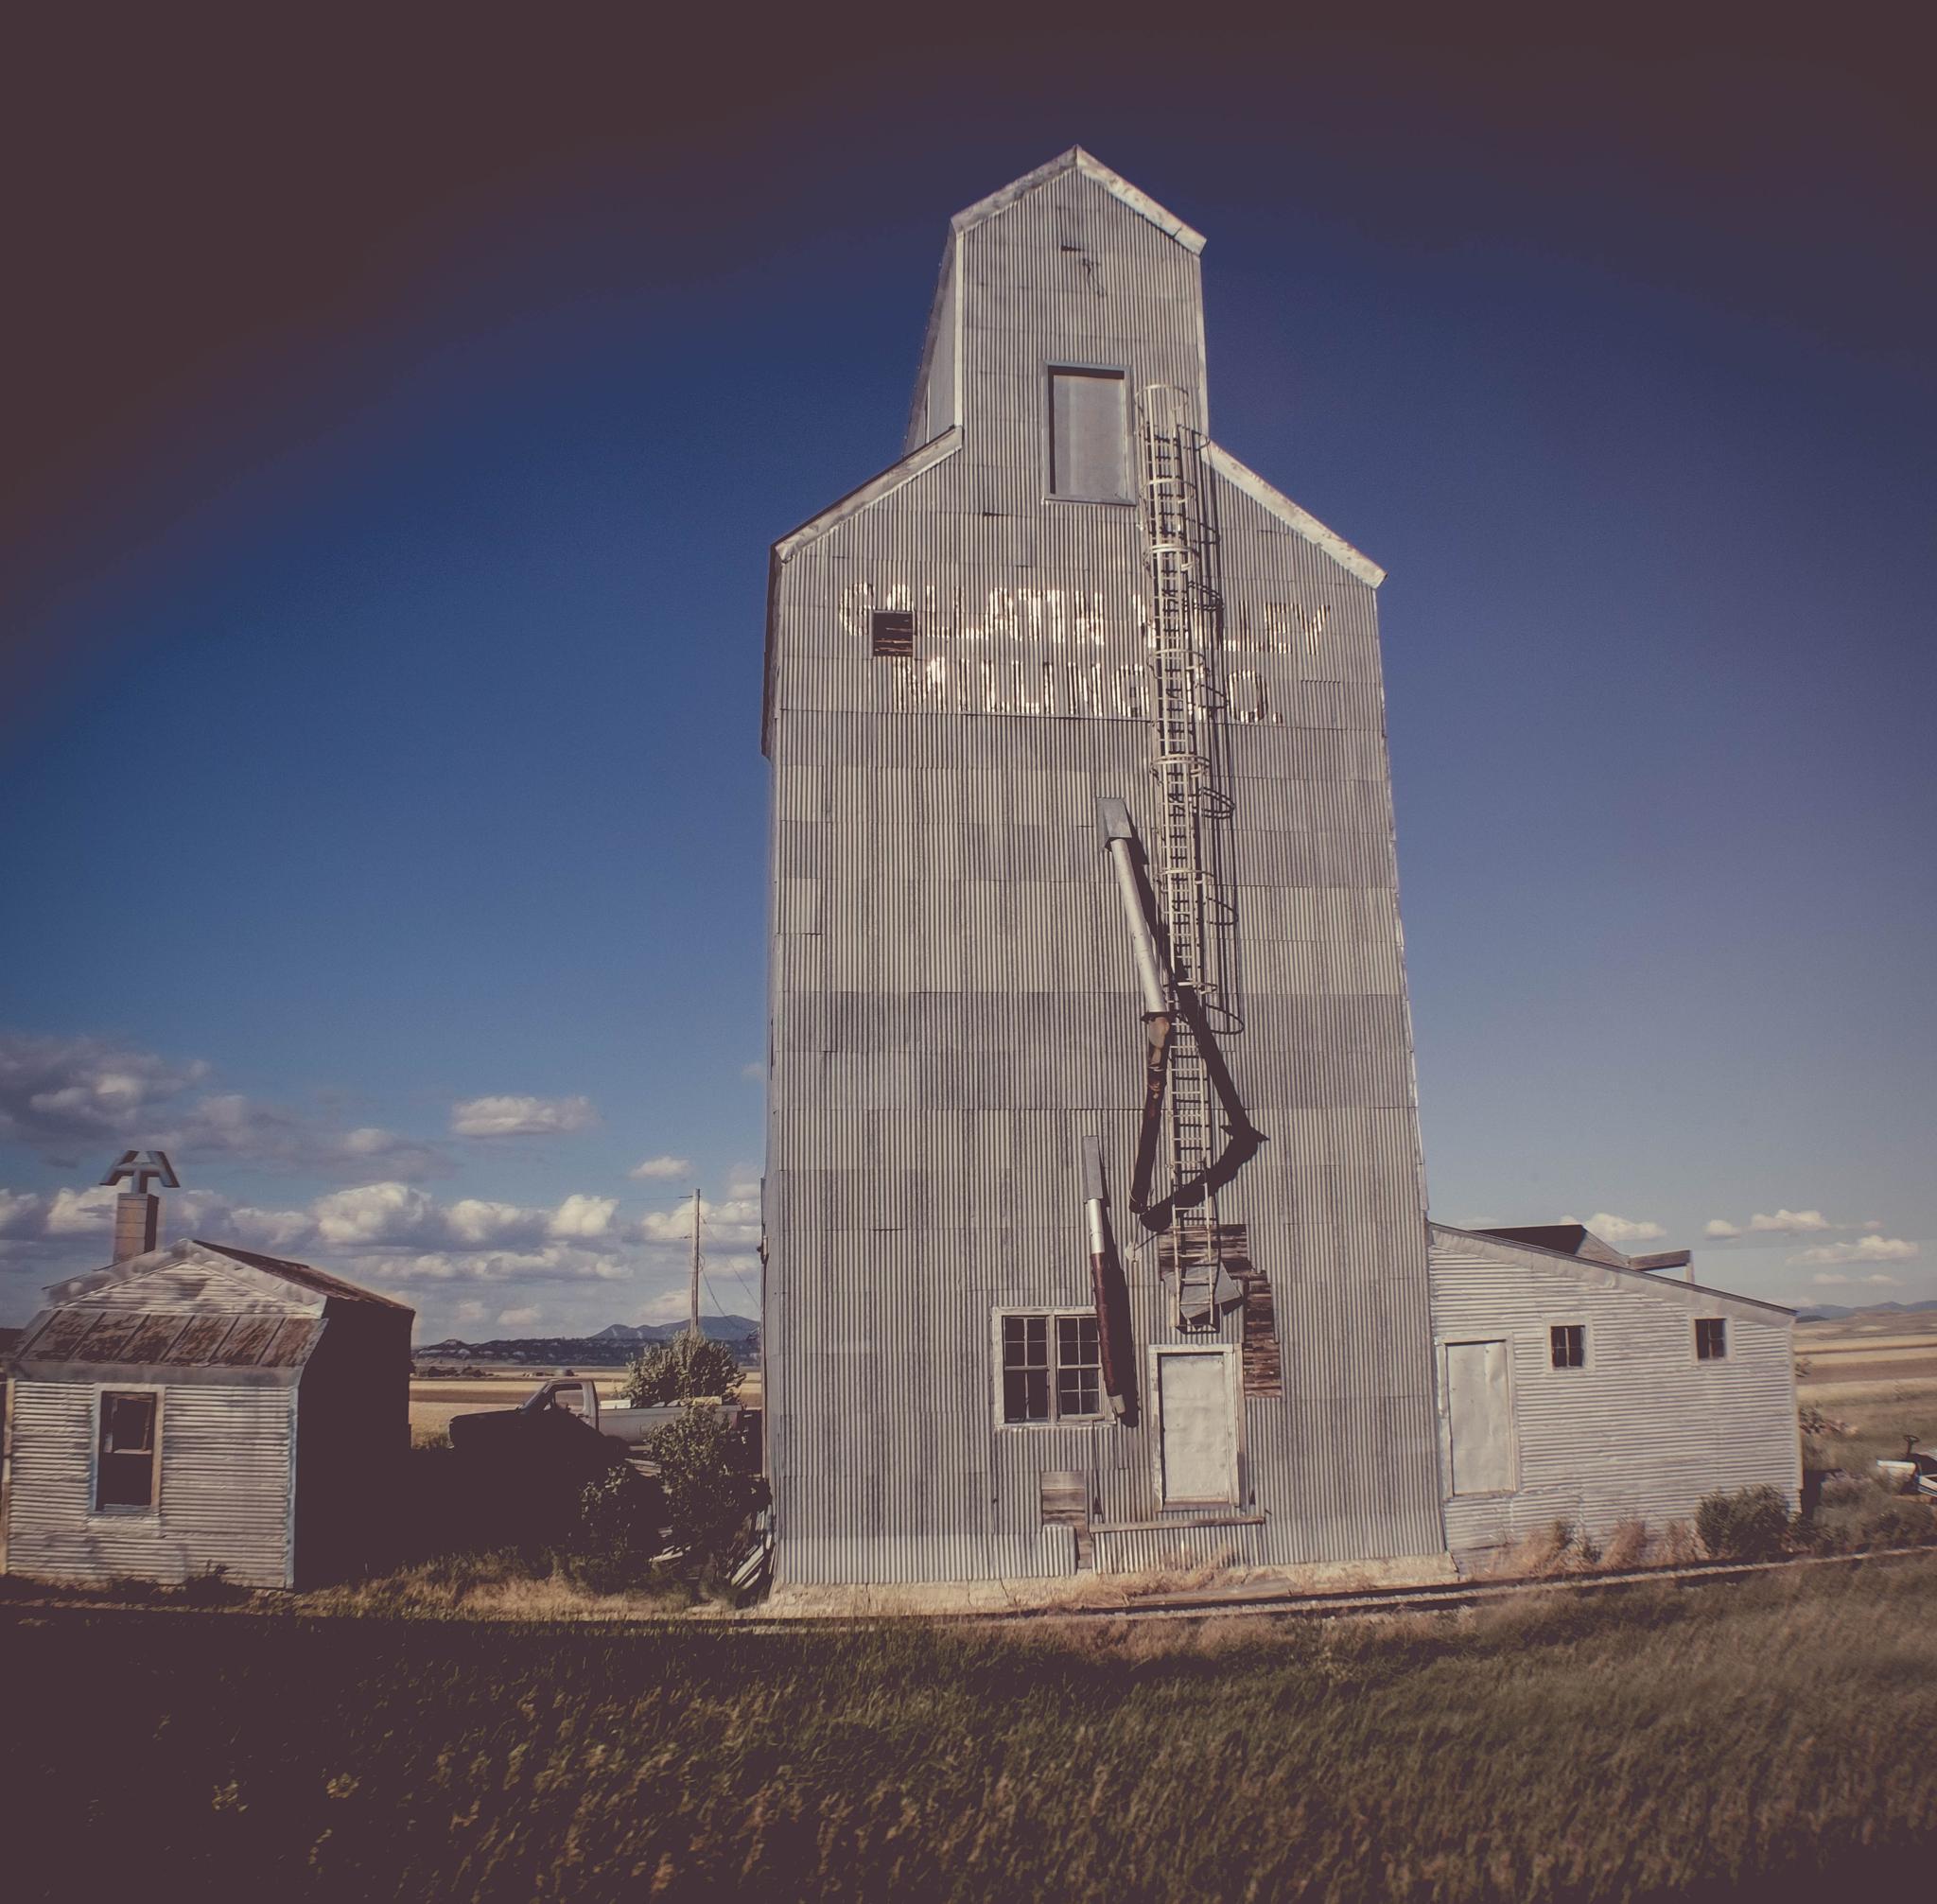 Old Grain Elevator by Pam Stewart